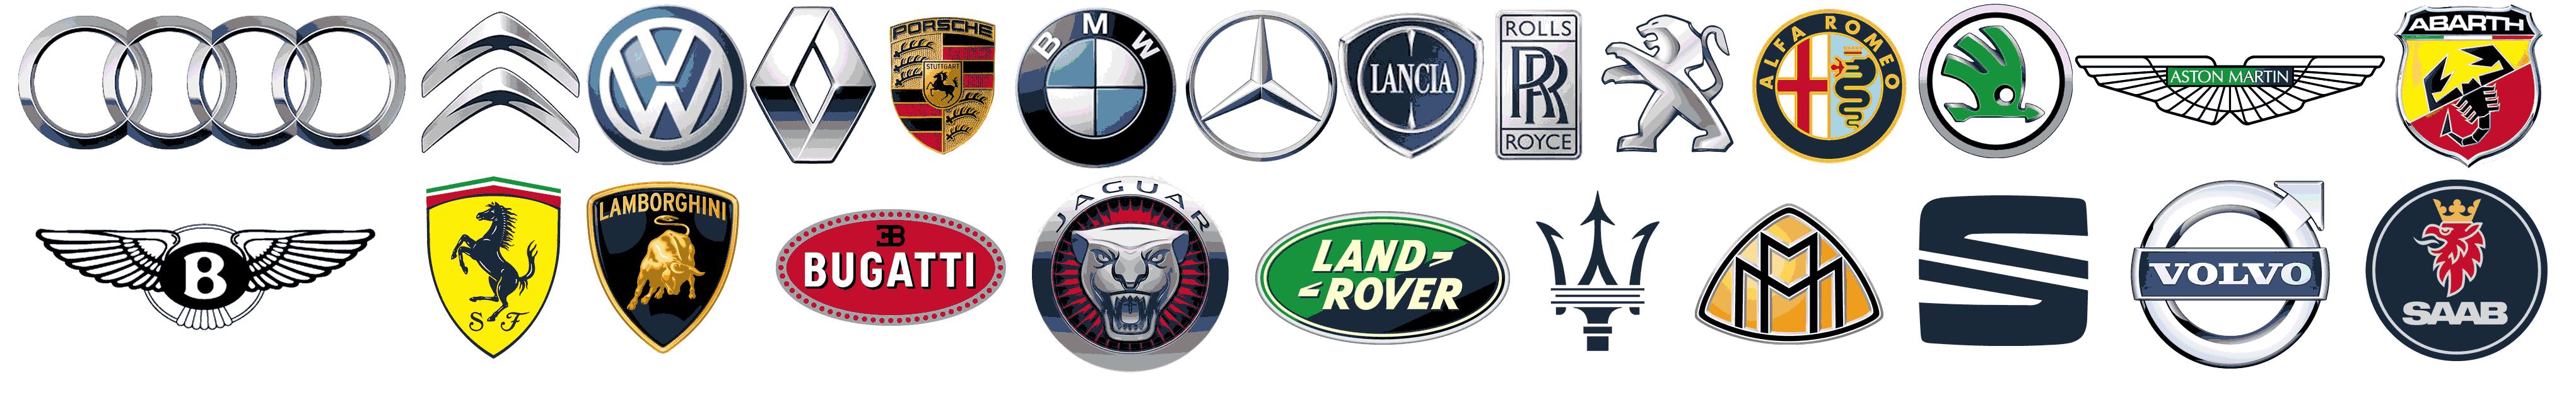 خودروهای اروپایی